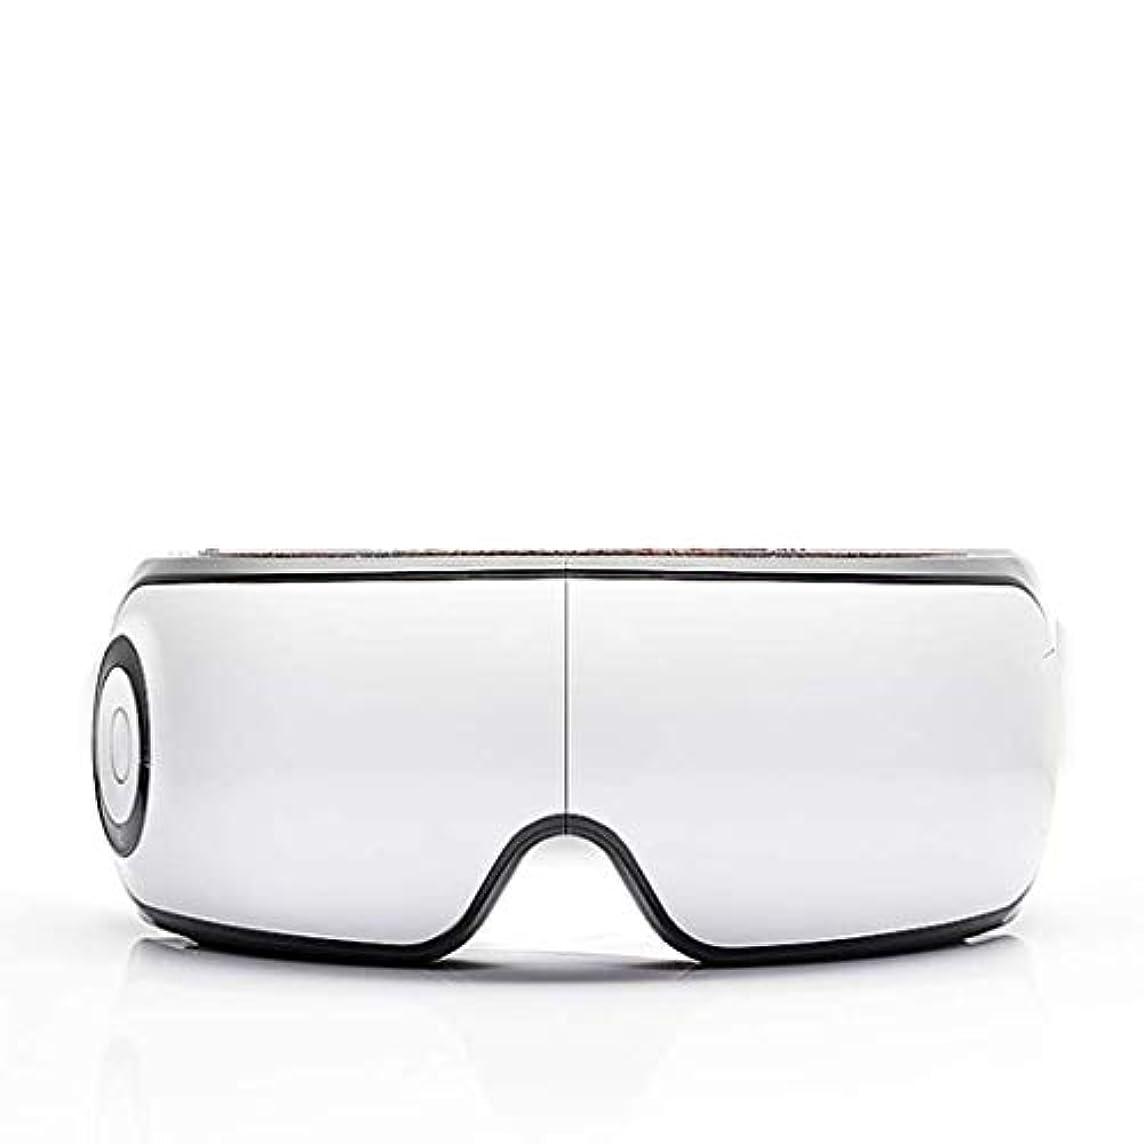 損失旅行者ファンシーアイマッサージャー、電動ポータブル指圧音楽マッサージアイマスク、熱振動マッサージ、アイバッグダークサークルの改善、頭痛圧の緩和、アイのリラックス